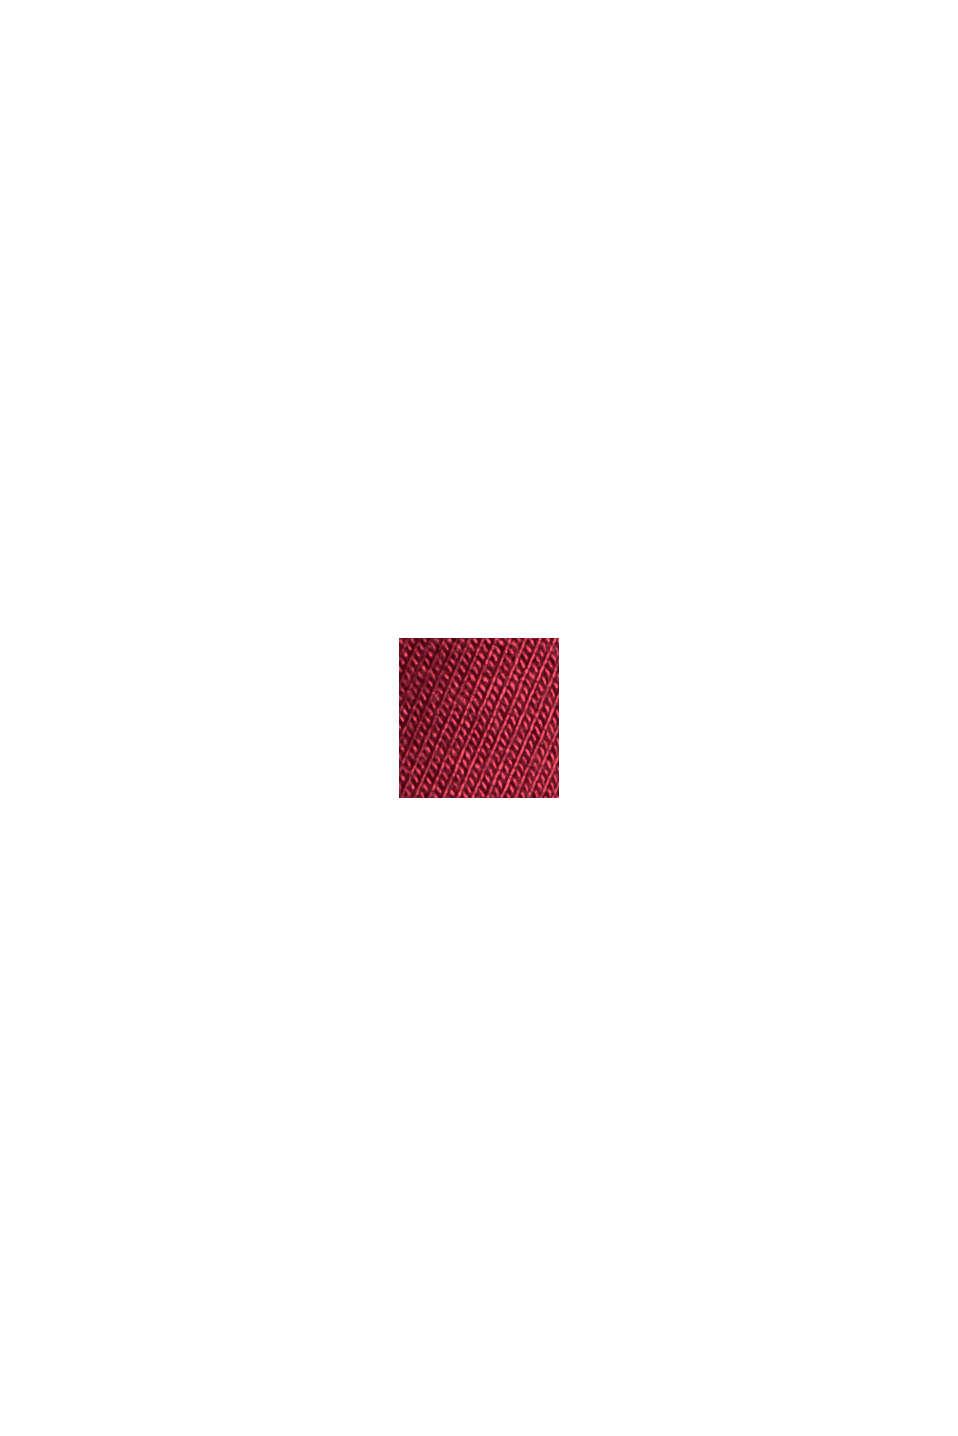 Jersey pyjama met satijn, LENZING™ ECOVERO™, DARK RED, swatch